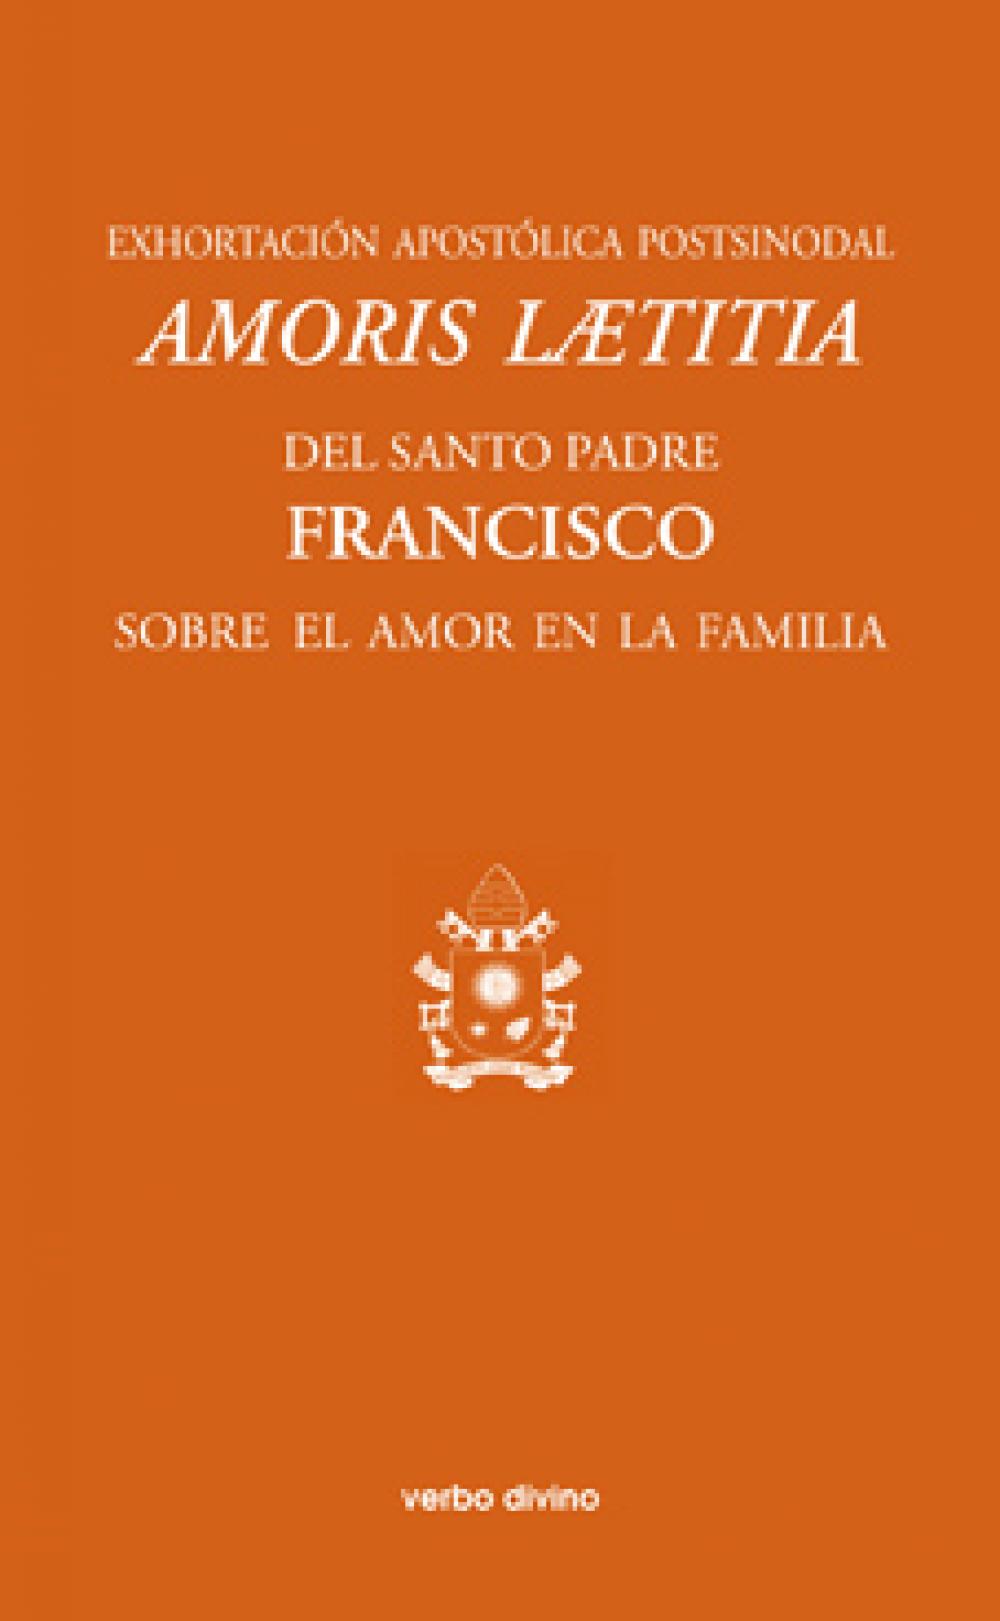 La influencia latinoamericana en el Papa Francisco